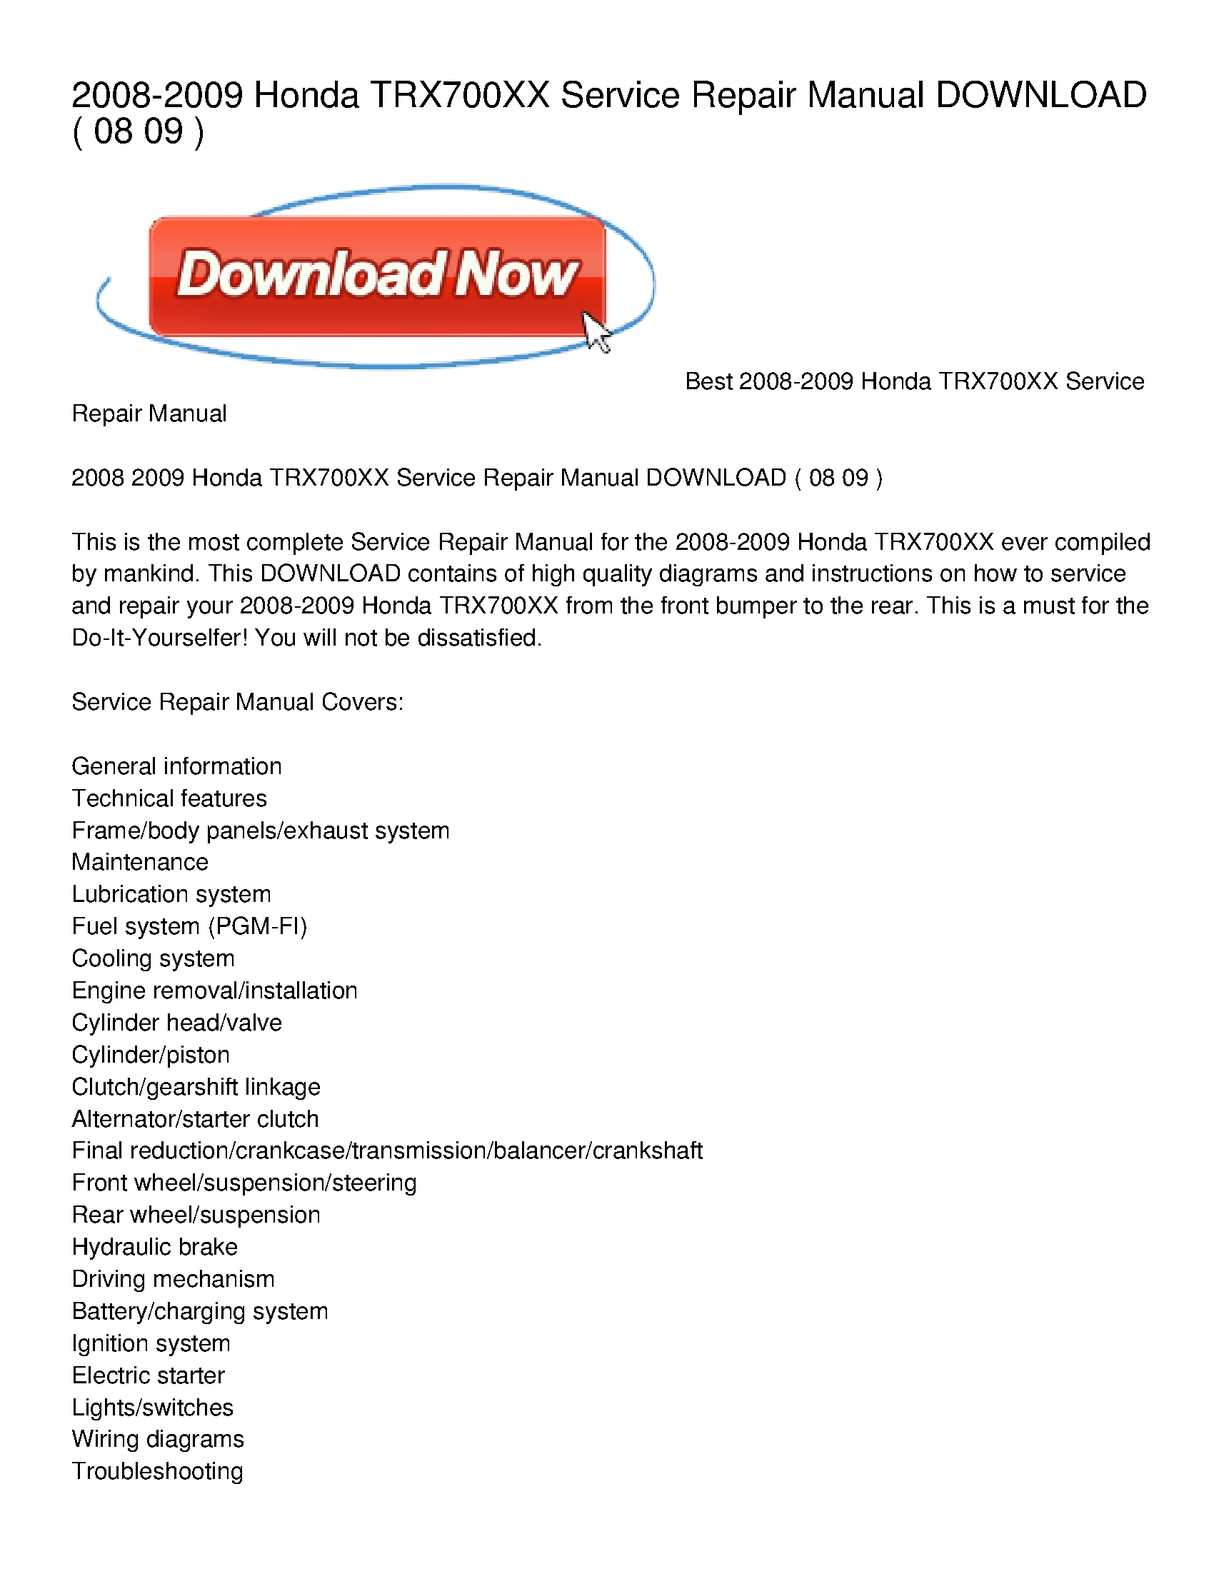 Calamo 2008 2009 Honda Trx700xx Service Repair Manual Download Engine Cooling Diagram